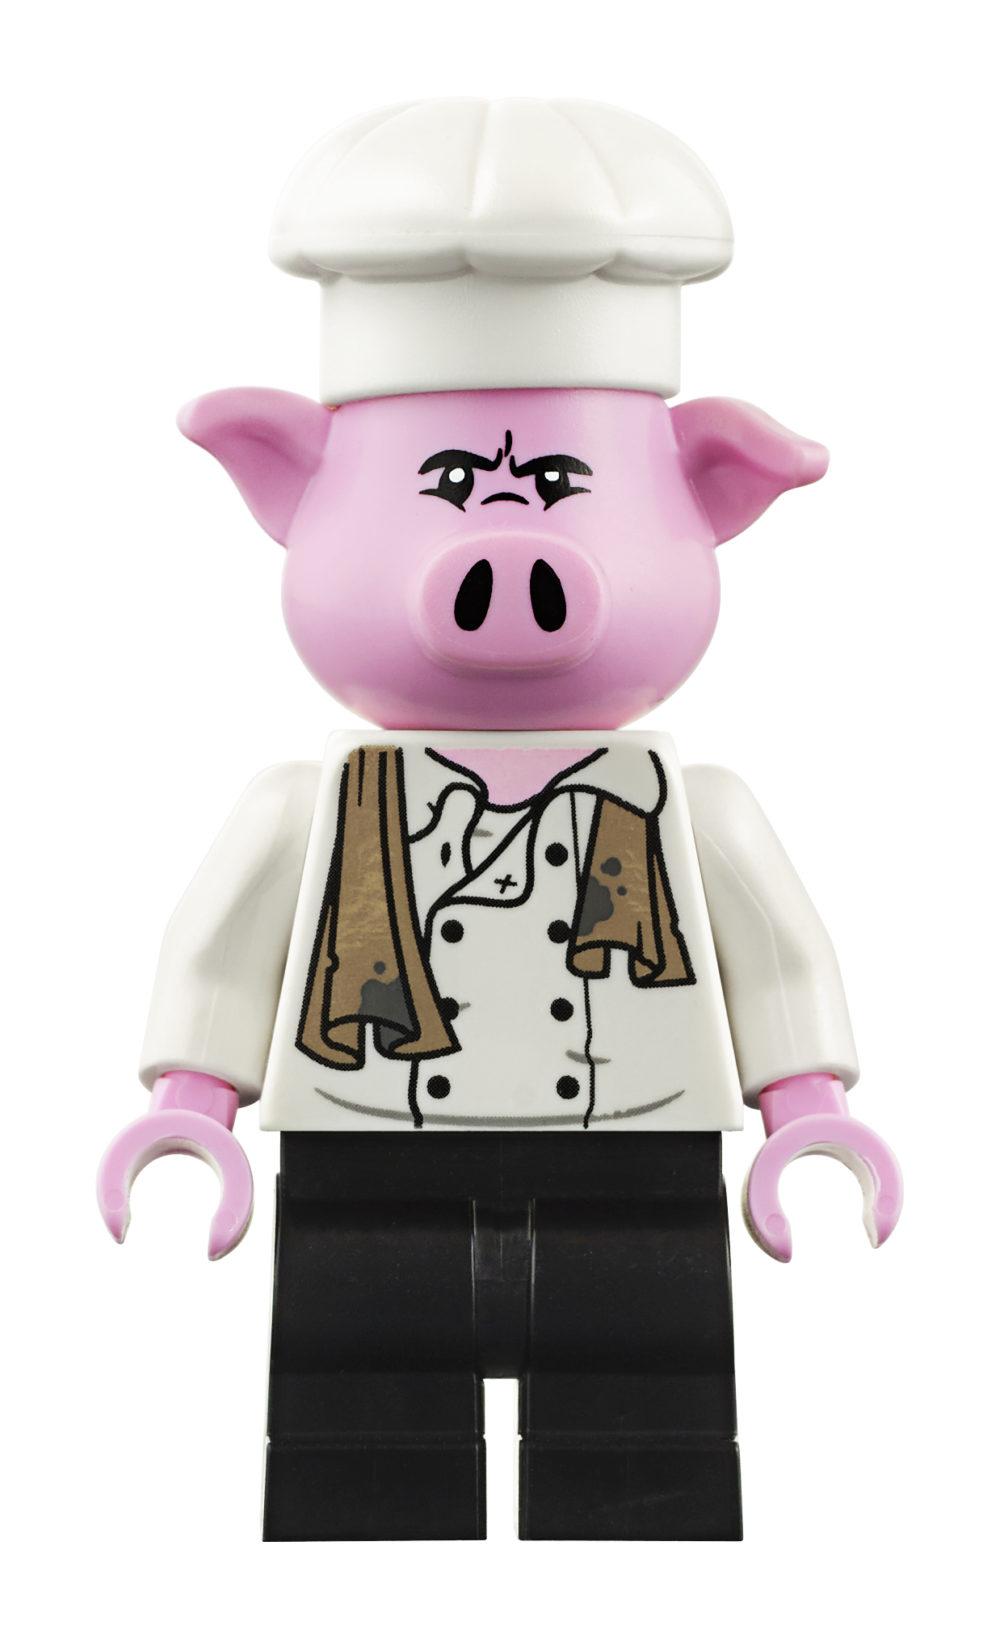 LEGO Pigsy Minifigure